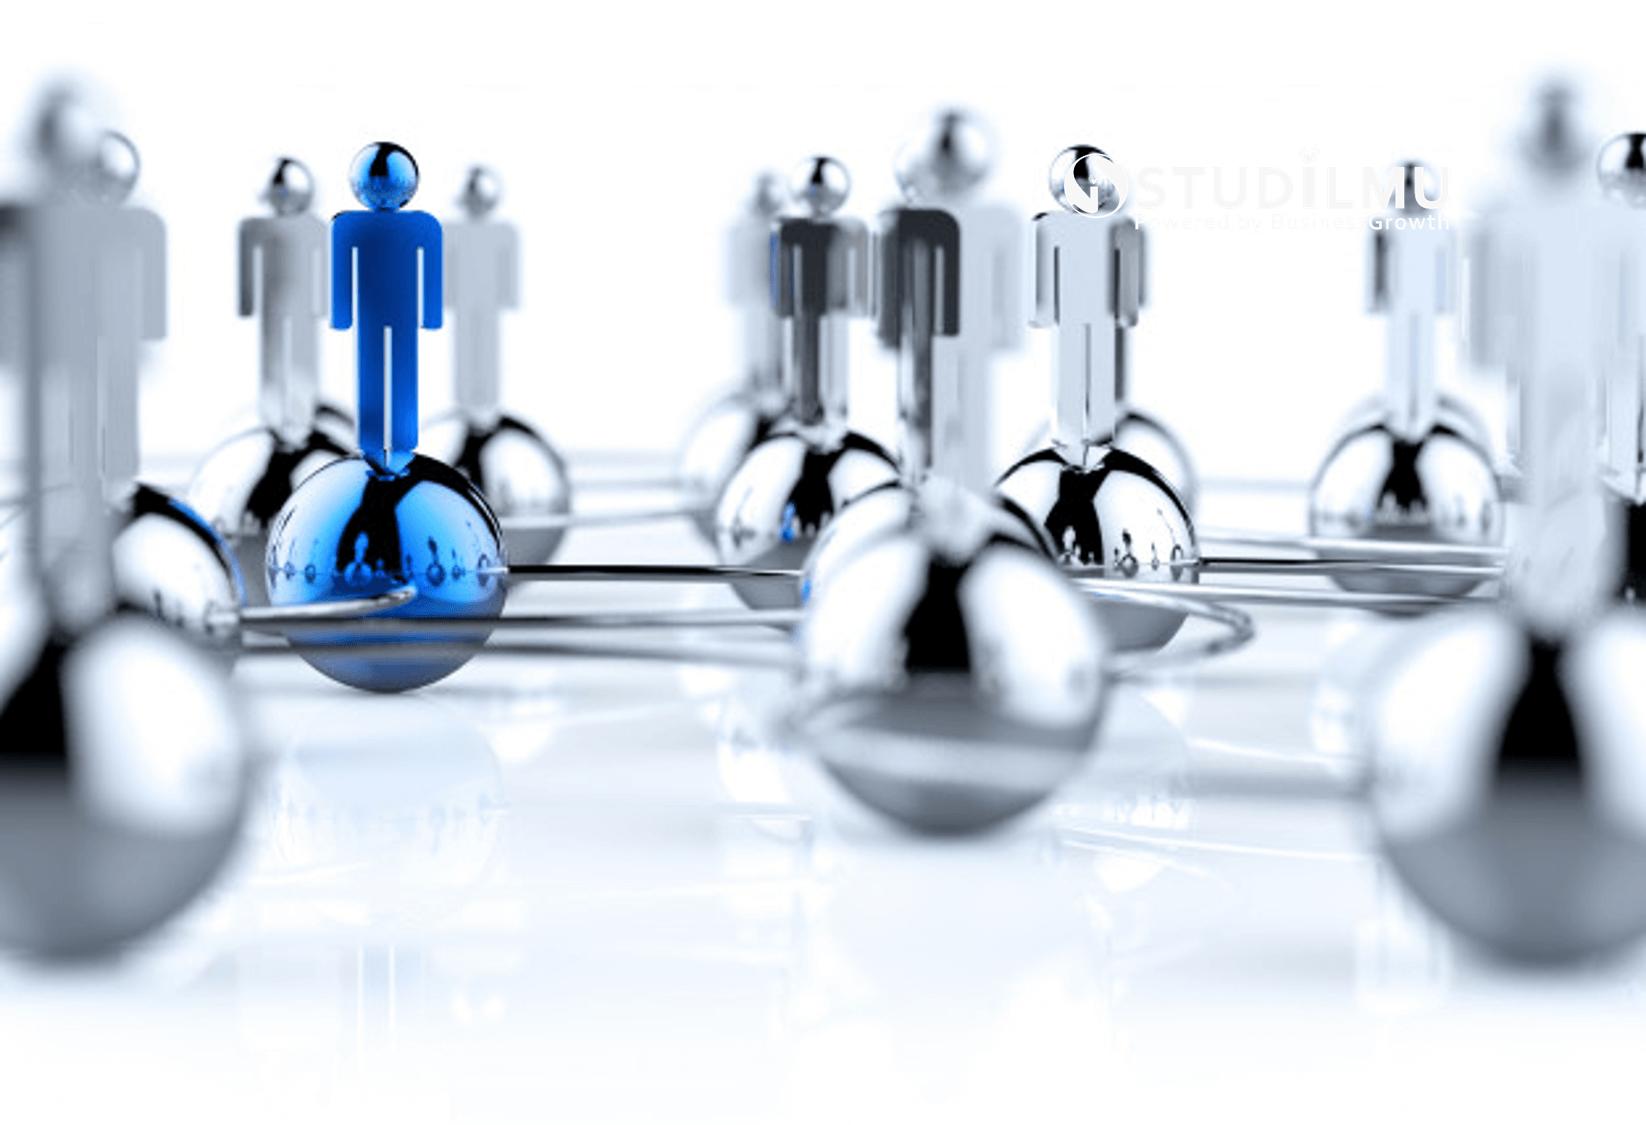 Pengertian Manajemen, Tujuan Manajemen dan Keterampilan Manajemen